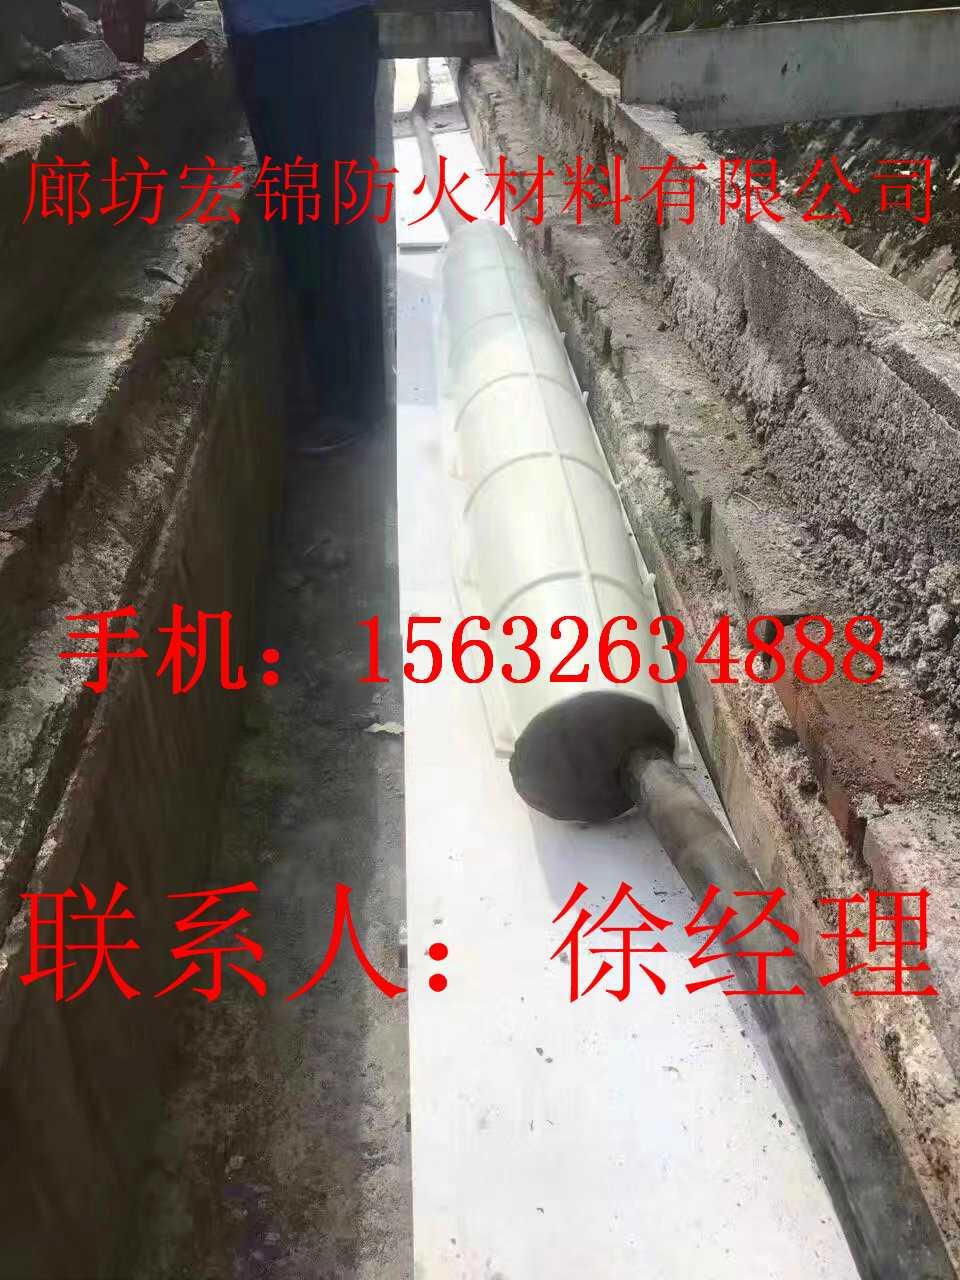 大同市广灵县防火隔板规格vinbet浩博官方下载地址公司欢迎您